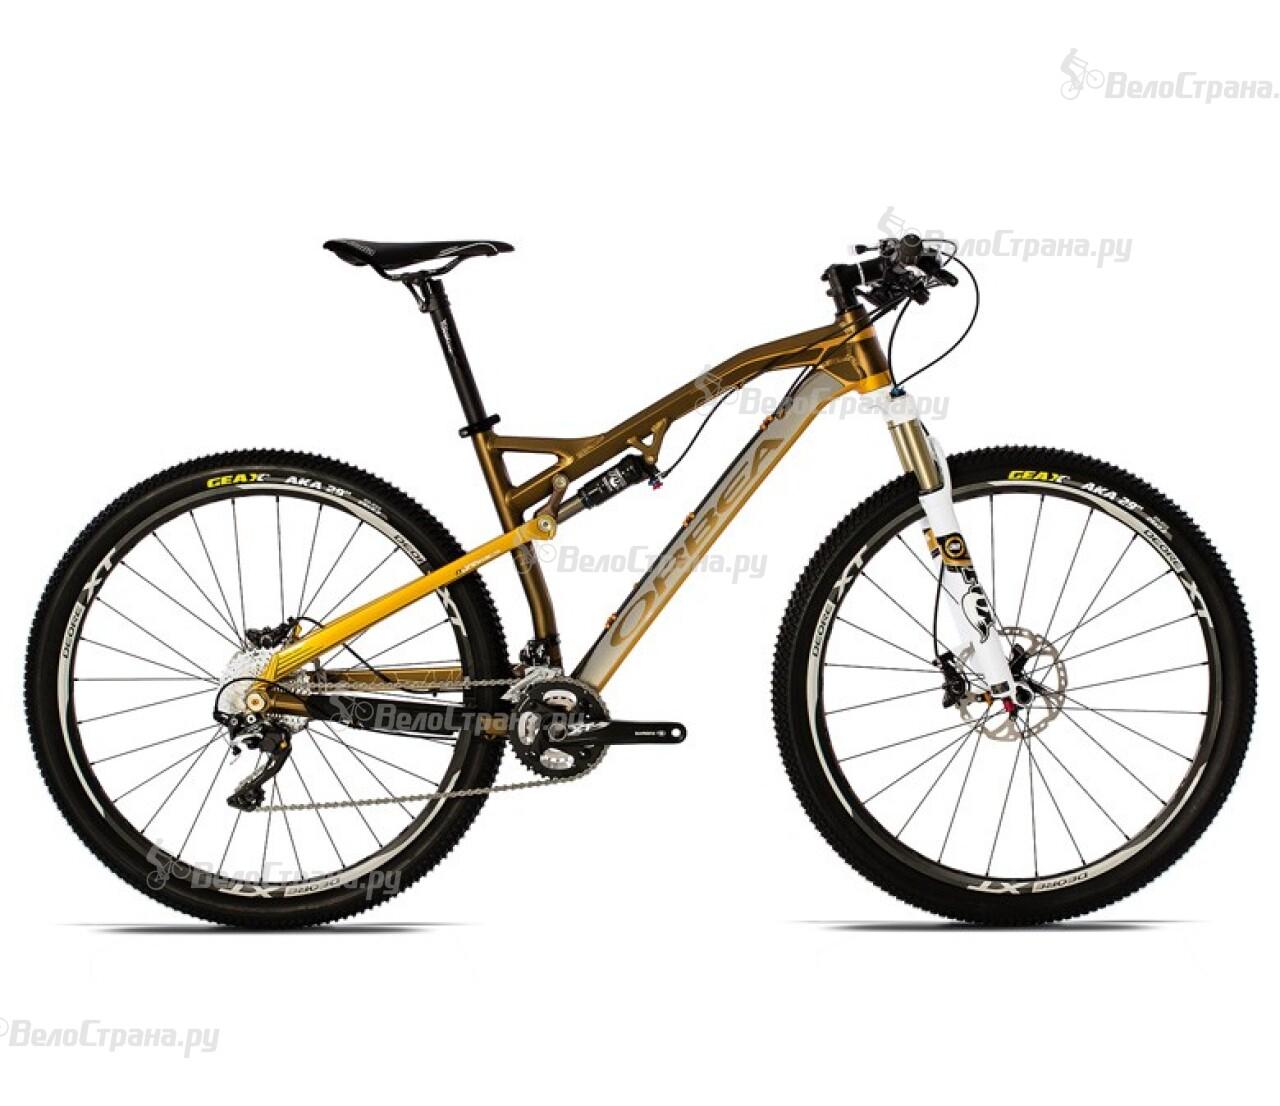 Велосипед Orbea Occam 29 H10 (2013) велосипед orbea occam 29 h30x 2013